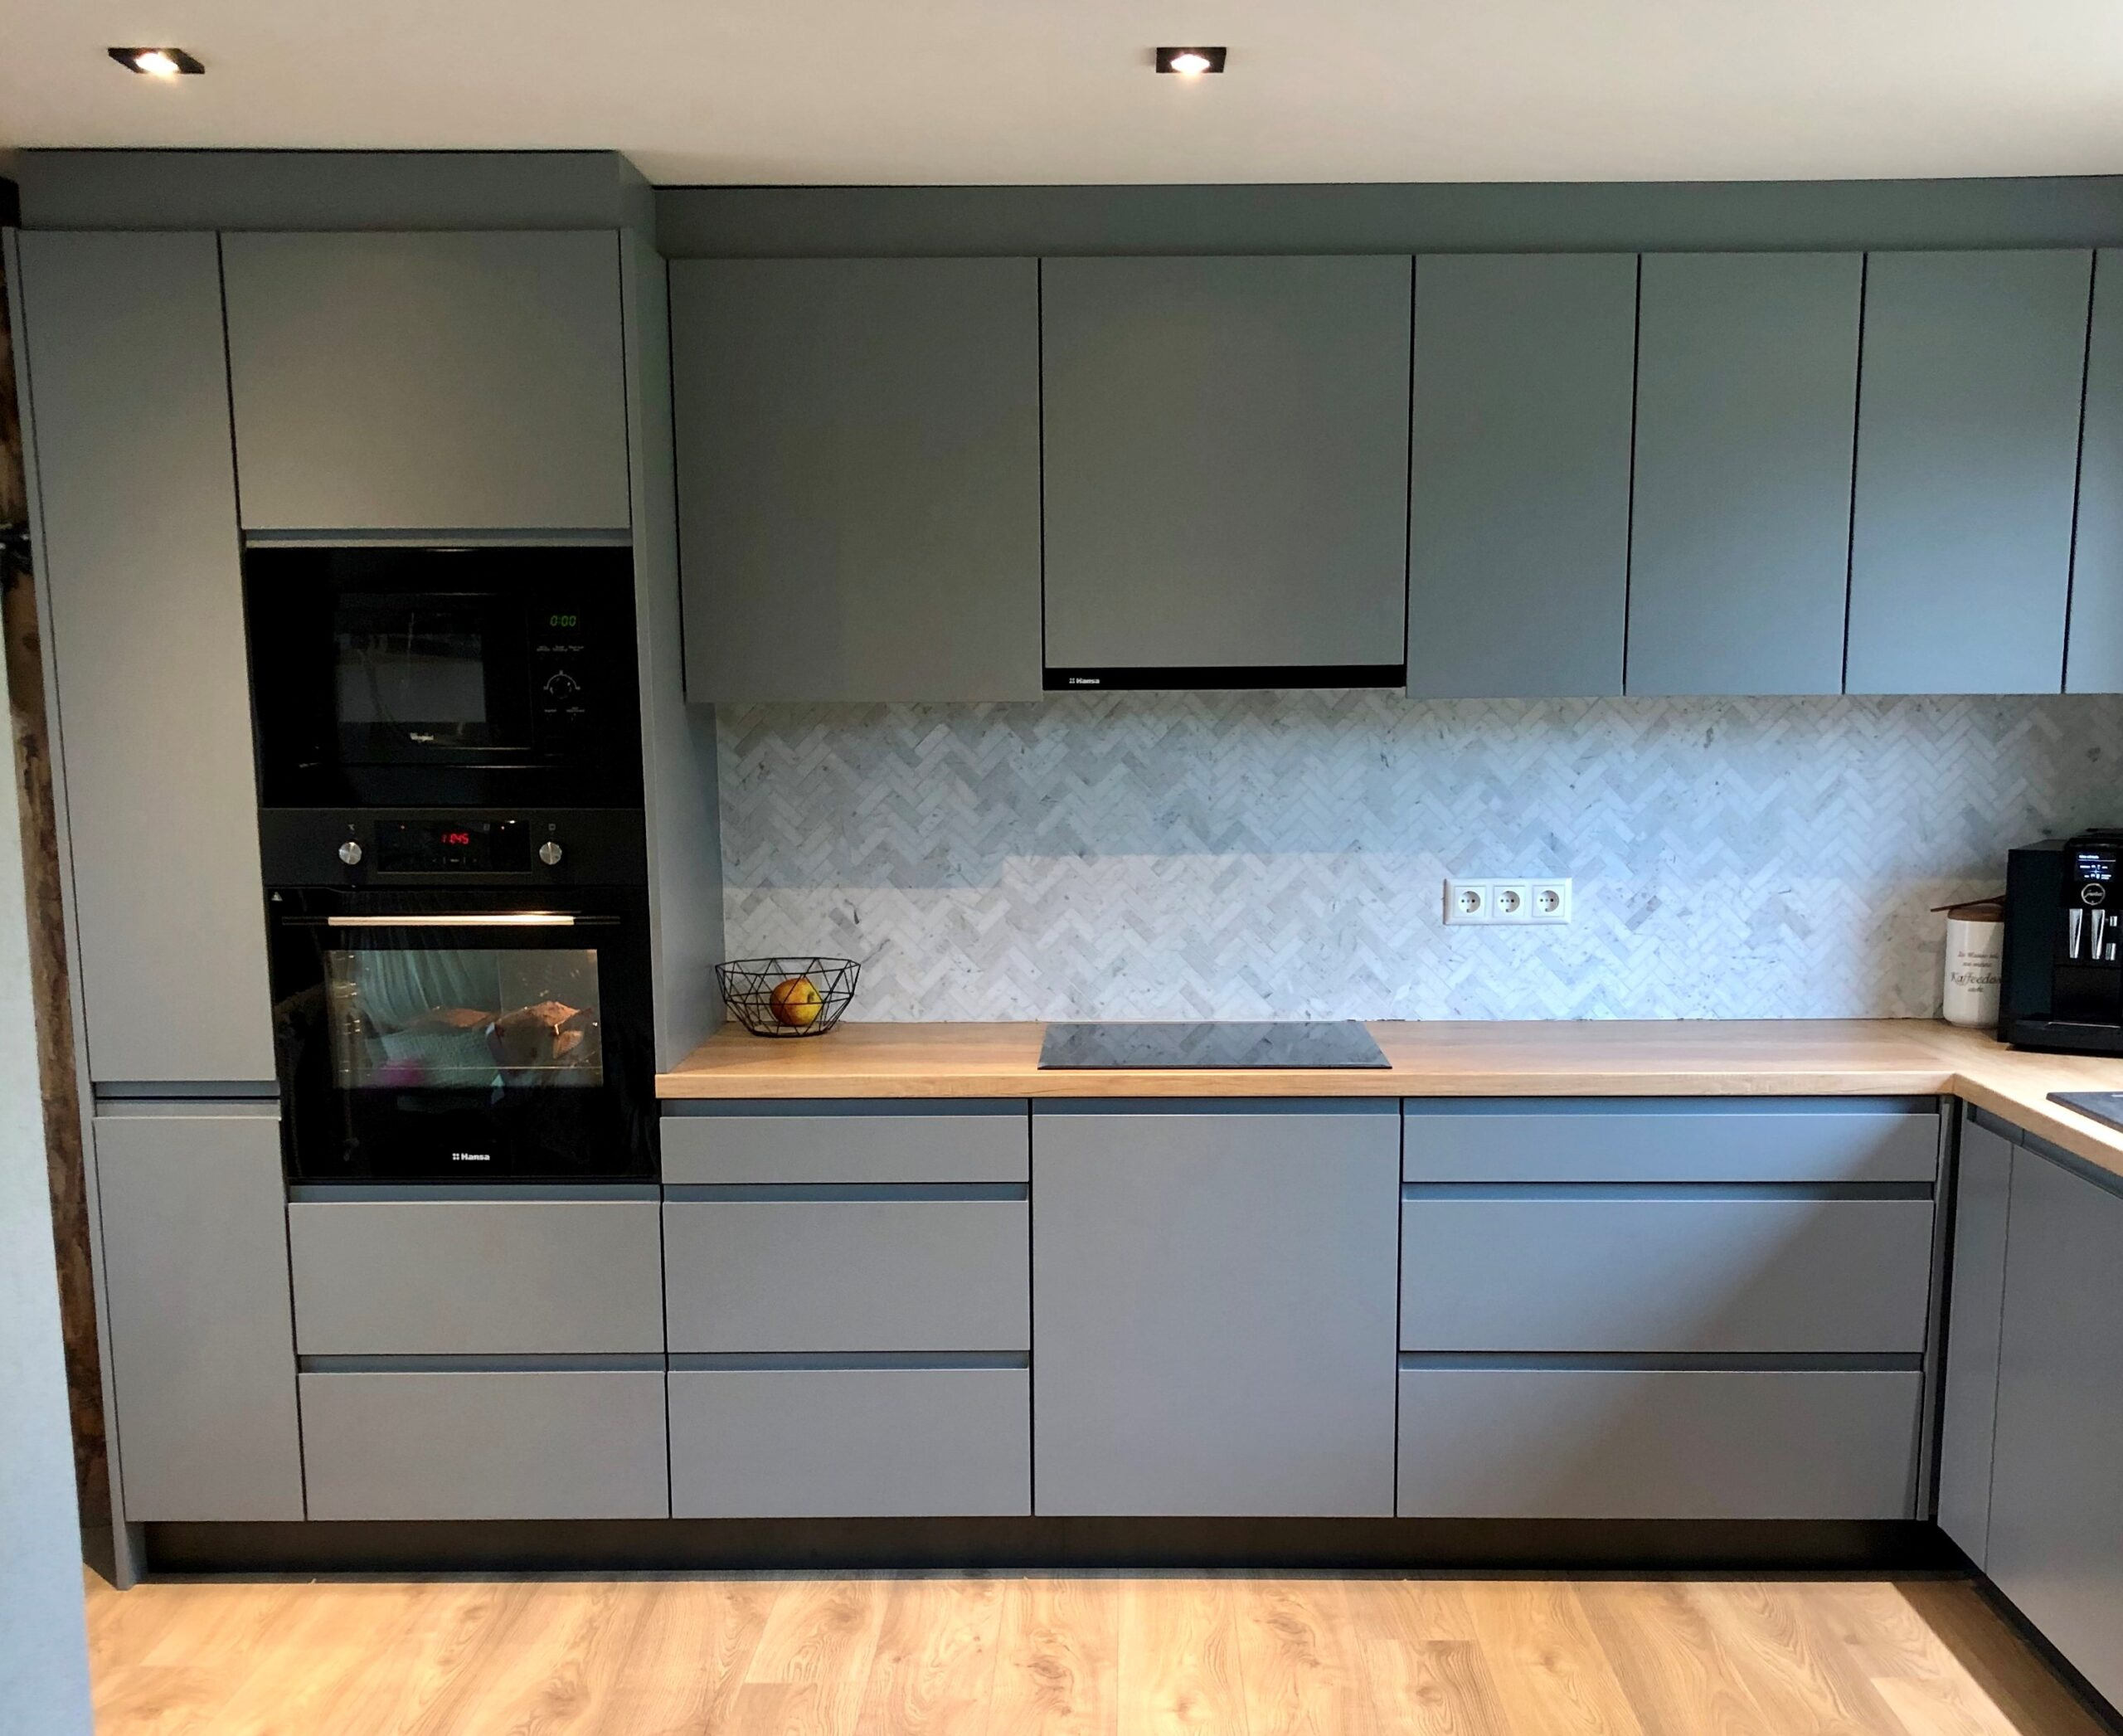 Eritellimus köögimööbel - Köögimööbel24 - MDF